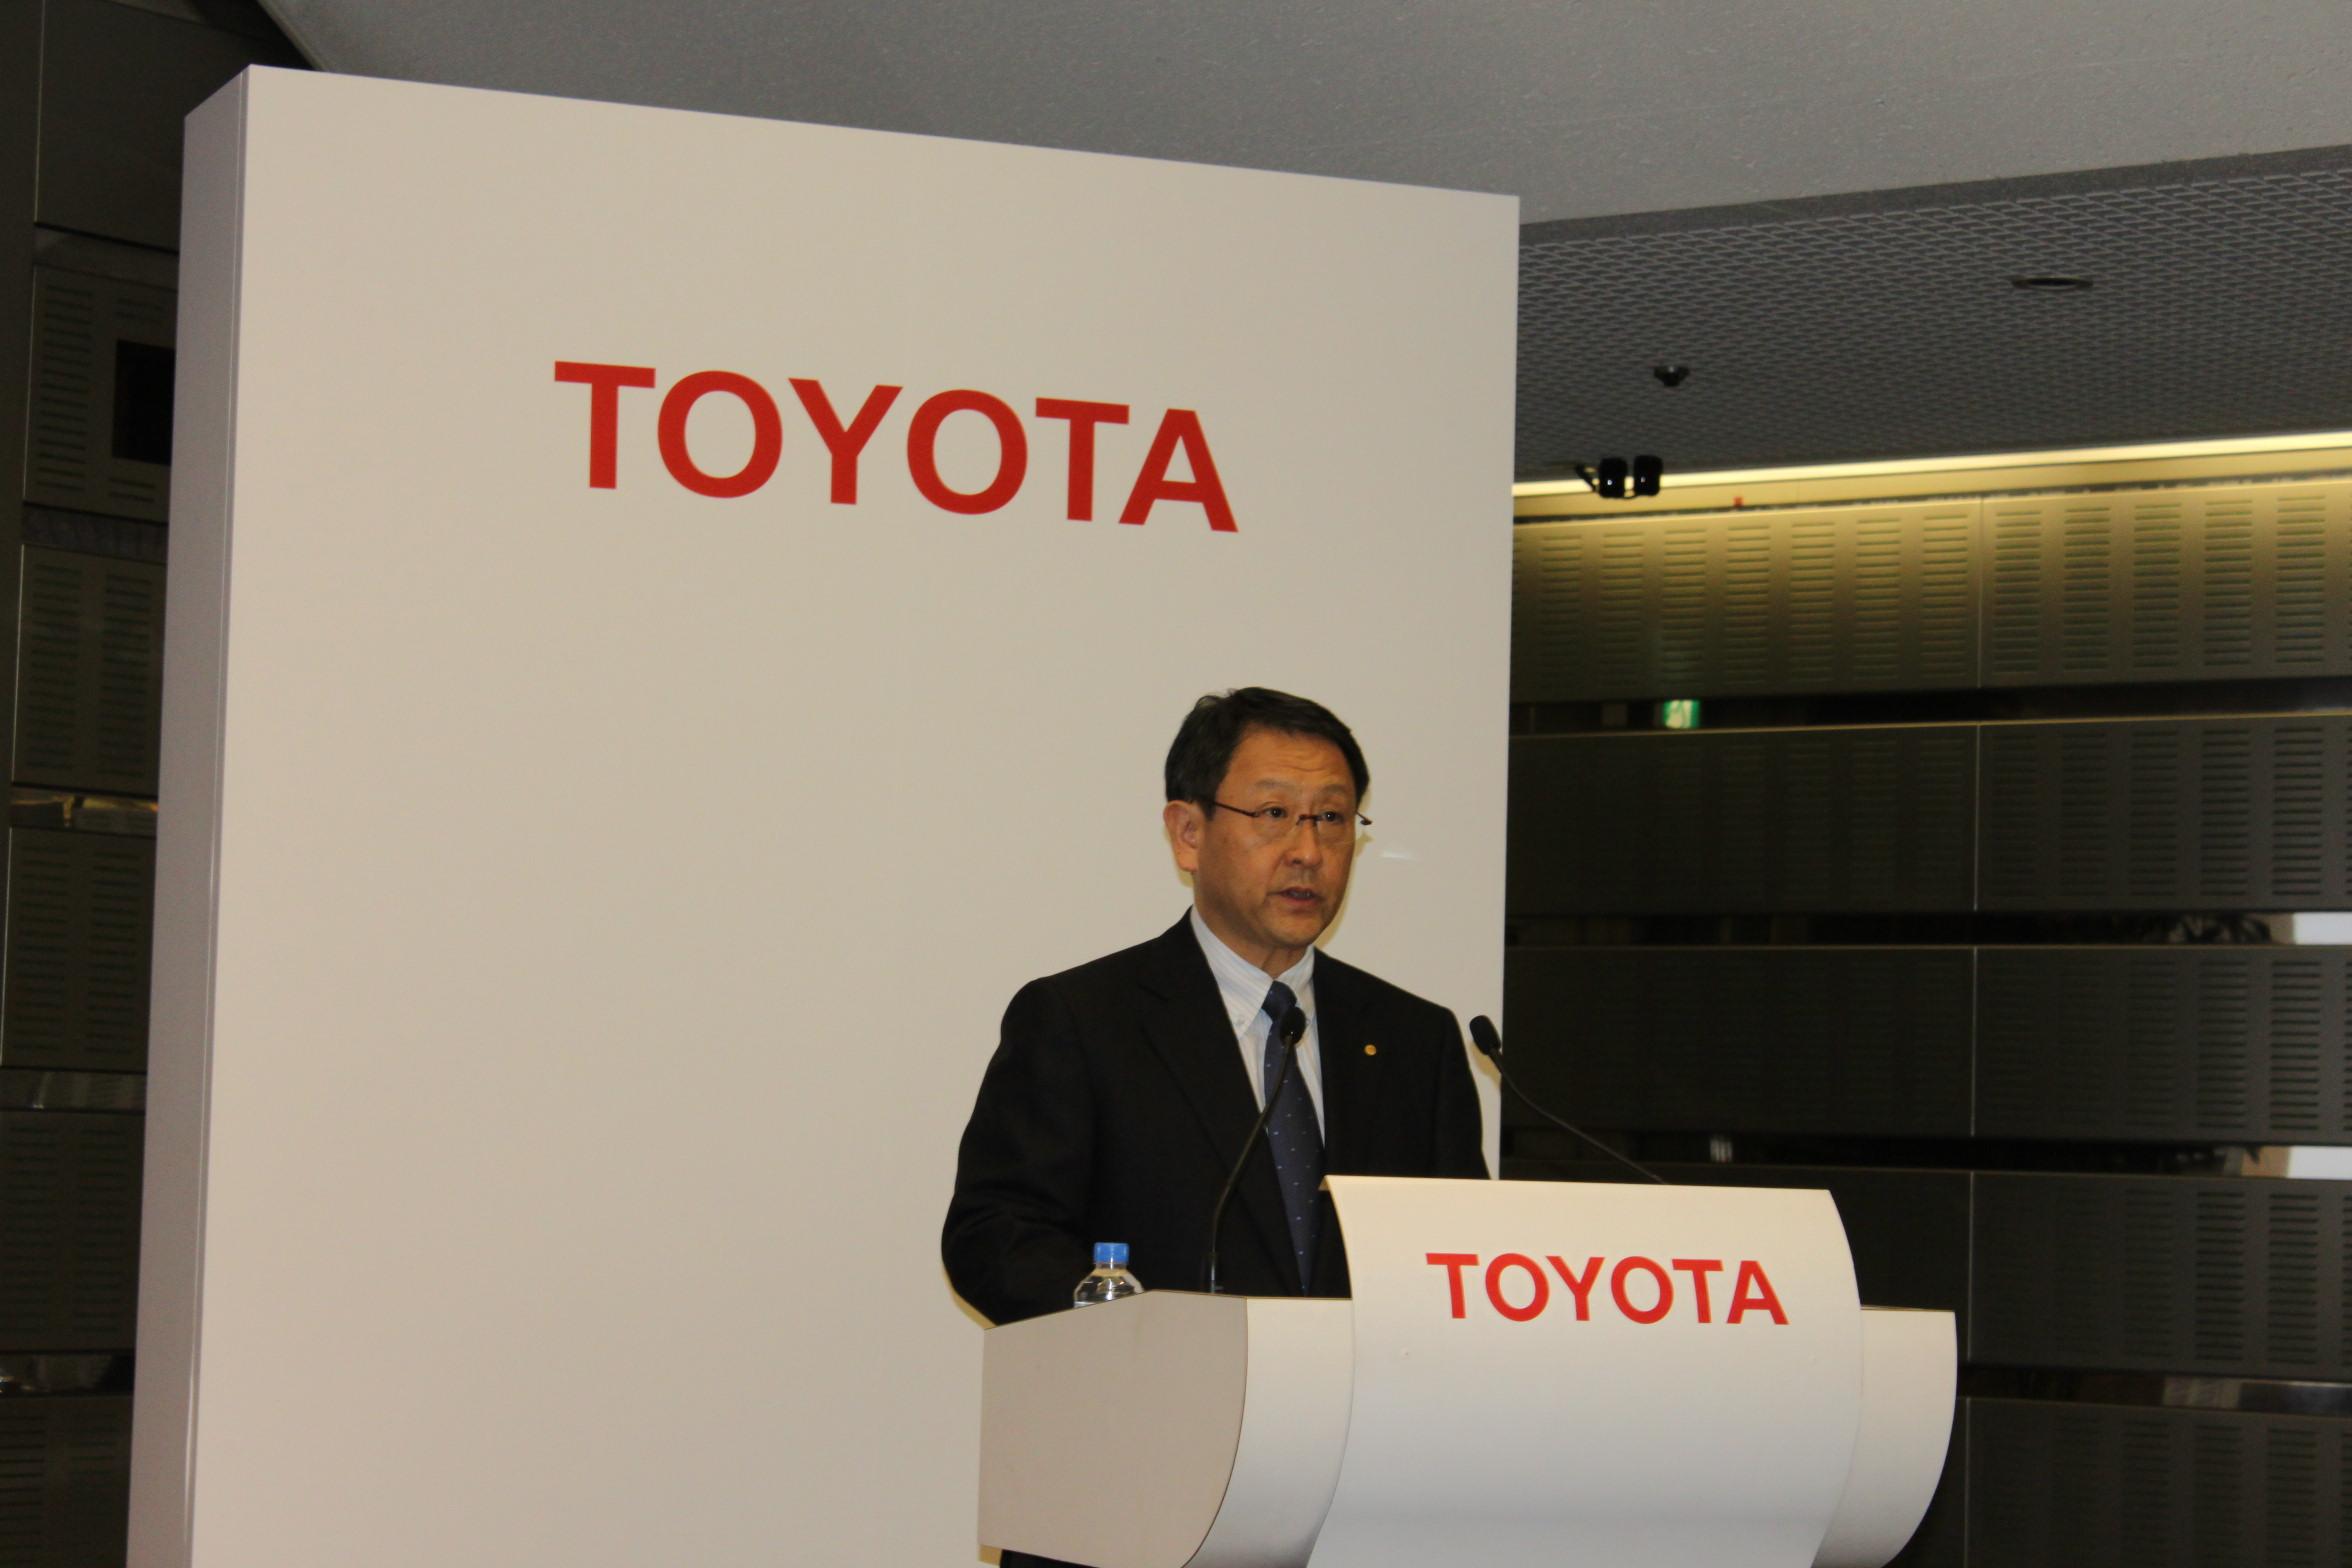 Akio Toyoda of Toyota